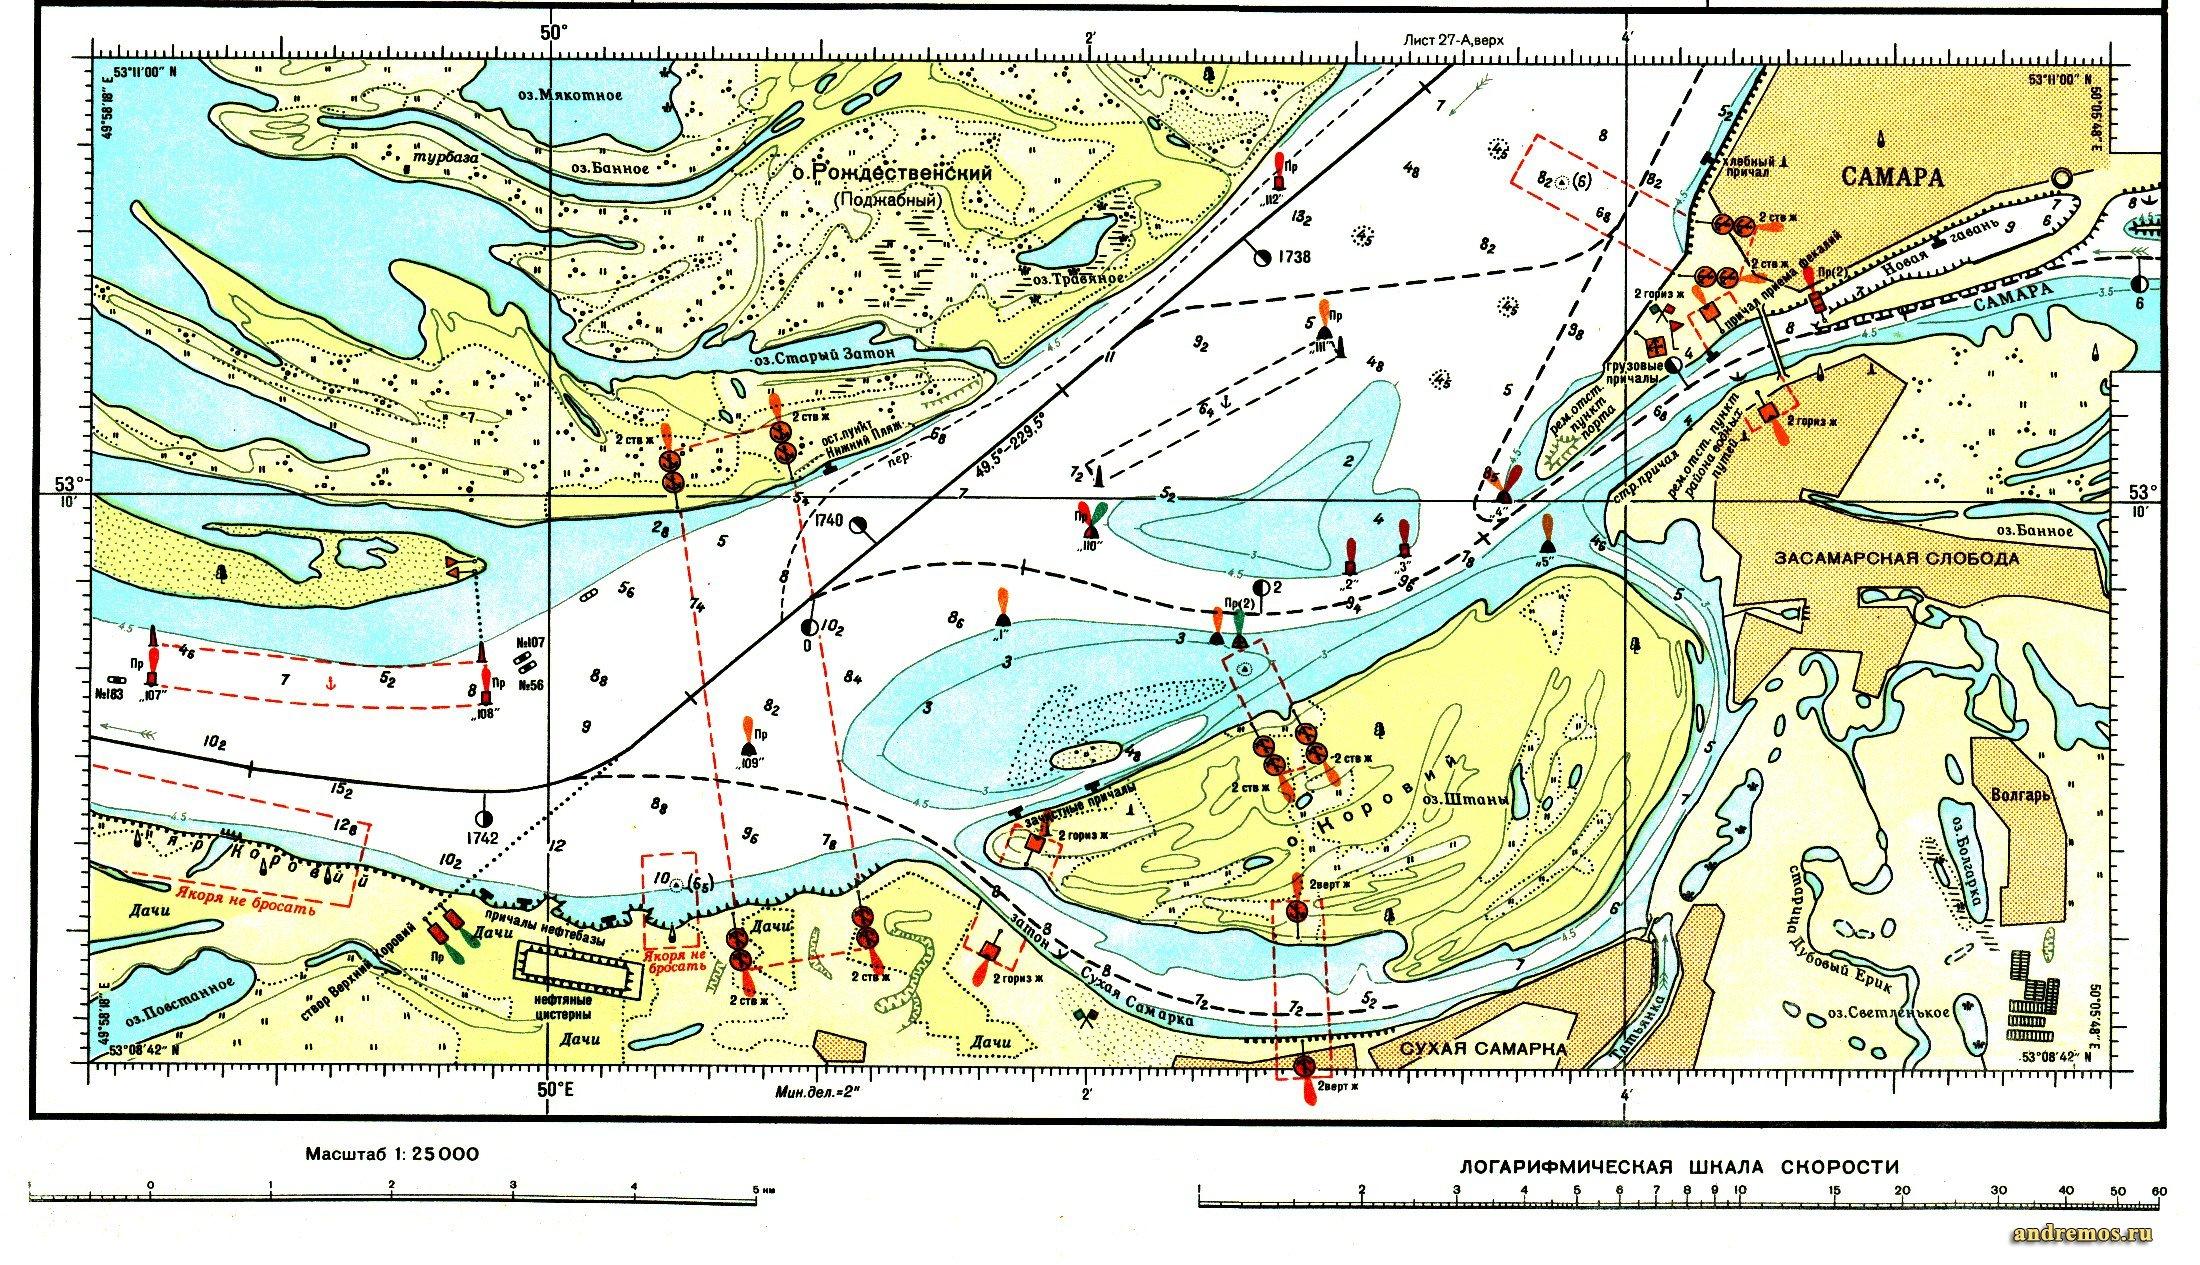 Саратовское Водохранилище Карта Глубин